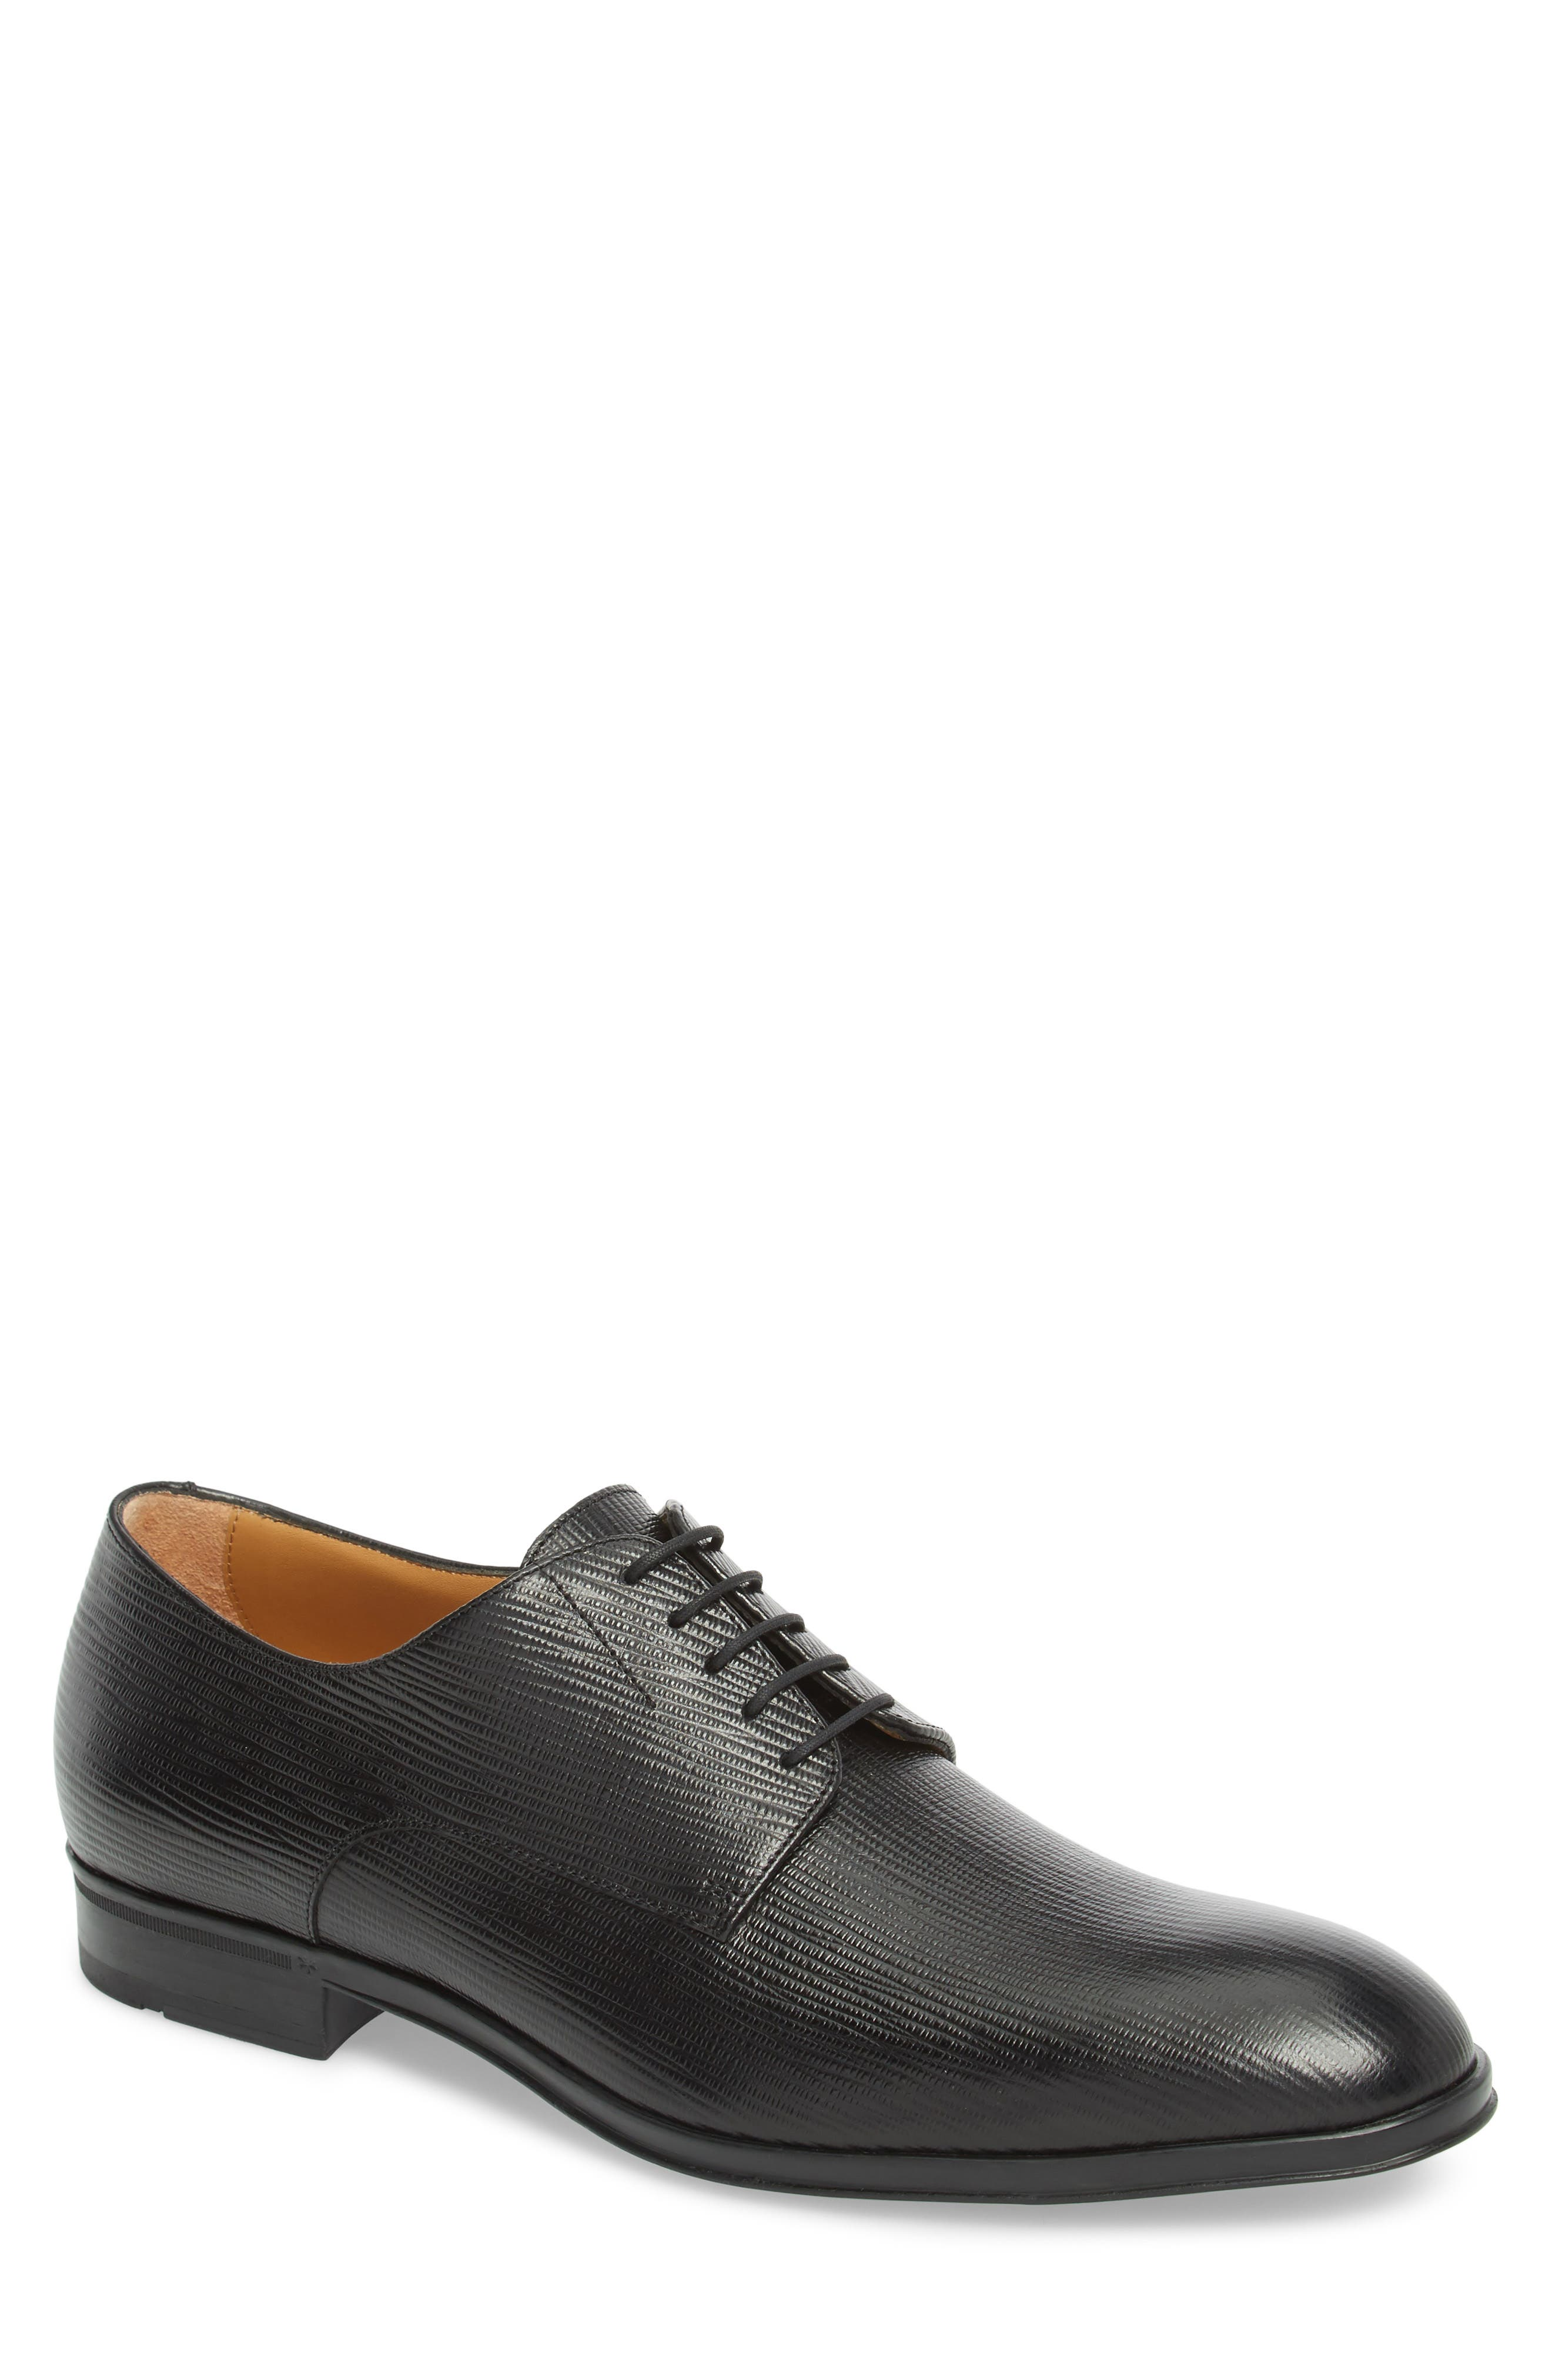 Eton Plain Toe Derby,                         Main,                         color, BLACK LEATHER